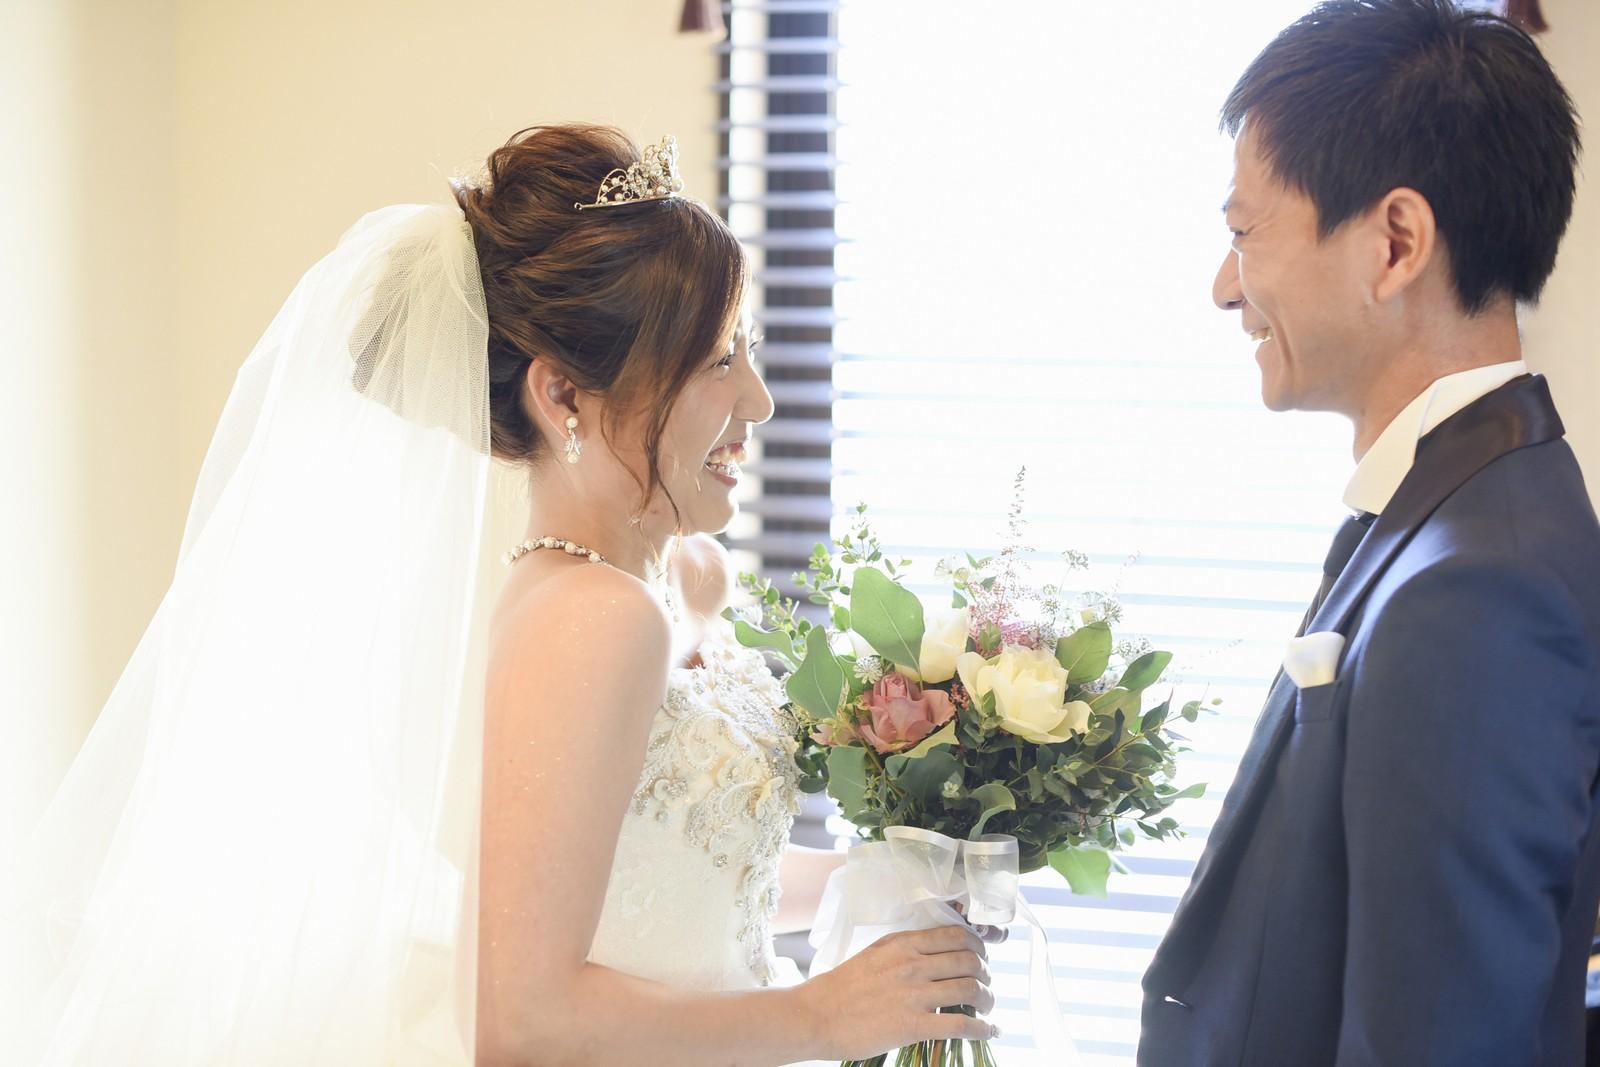 高松市の結婚式場アイルバレクラブの控室での新郎新婦